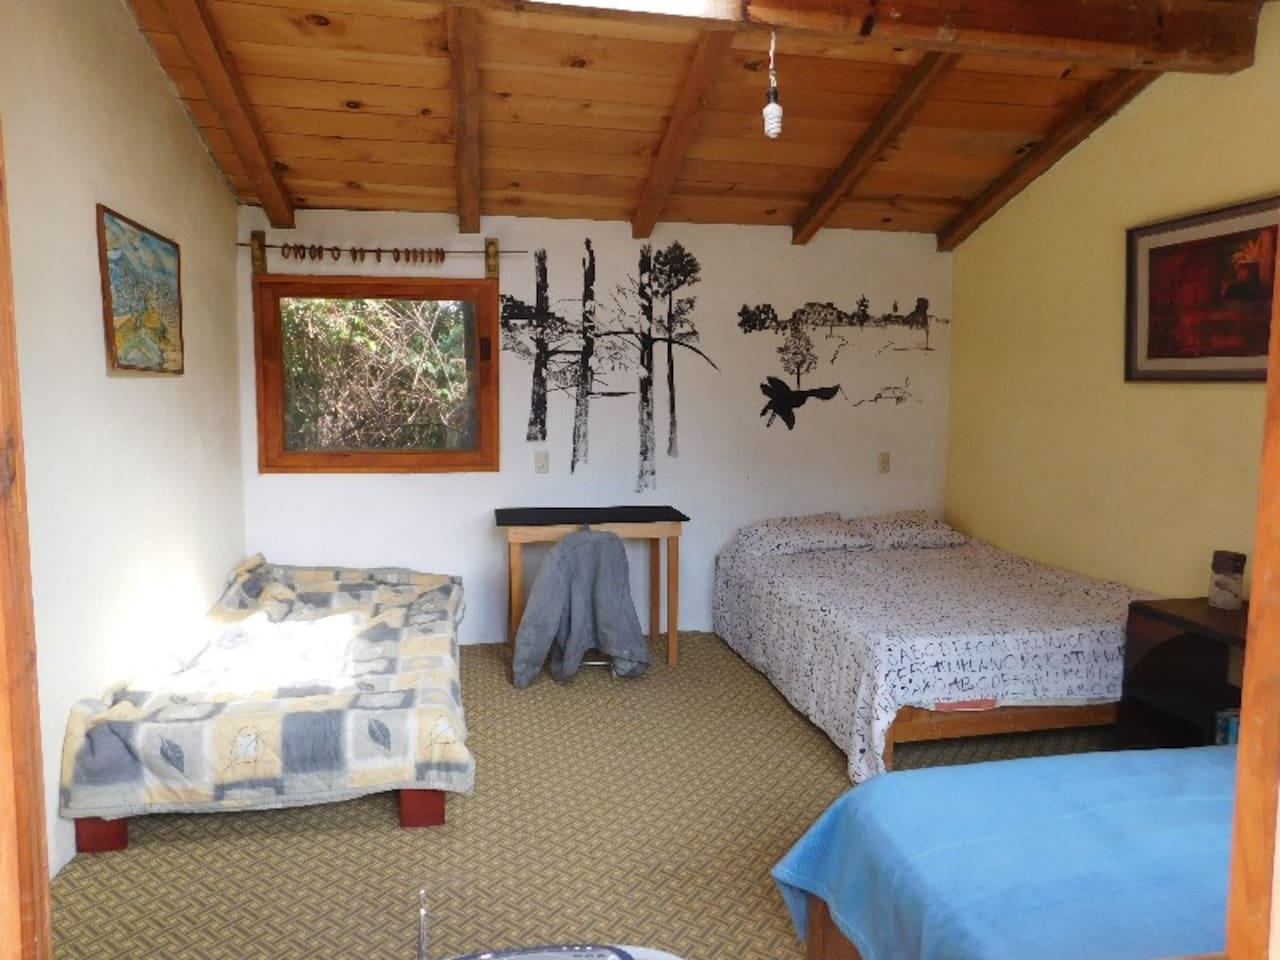 se trata de un bungalow que cuenta con una cama matrimonial y dos individuales.una cocineta y un baño con agua caliente,incluido 4 bicicletas de montaña una tabla para surf,juegos para niños con un patio amplio